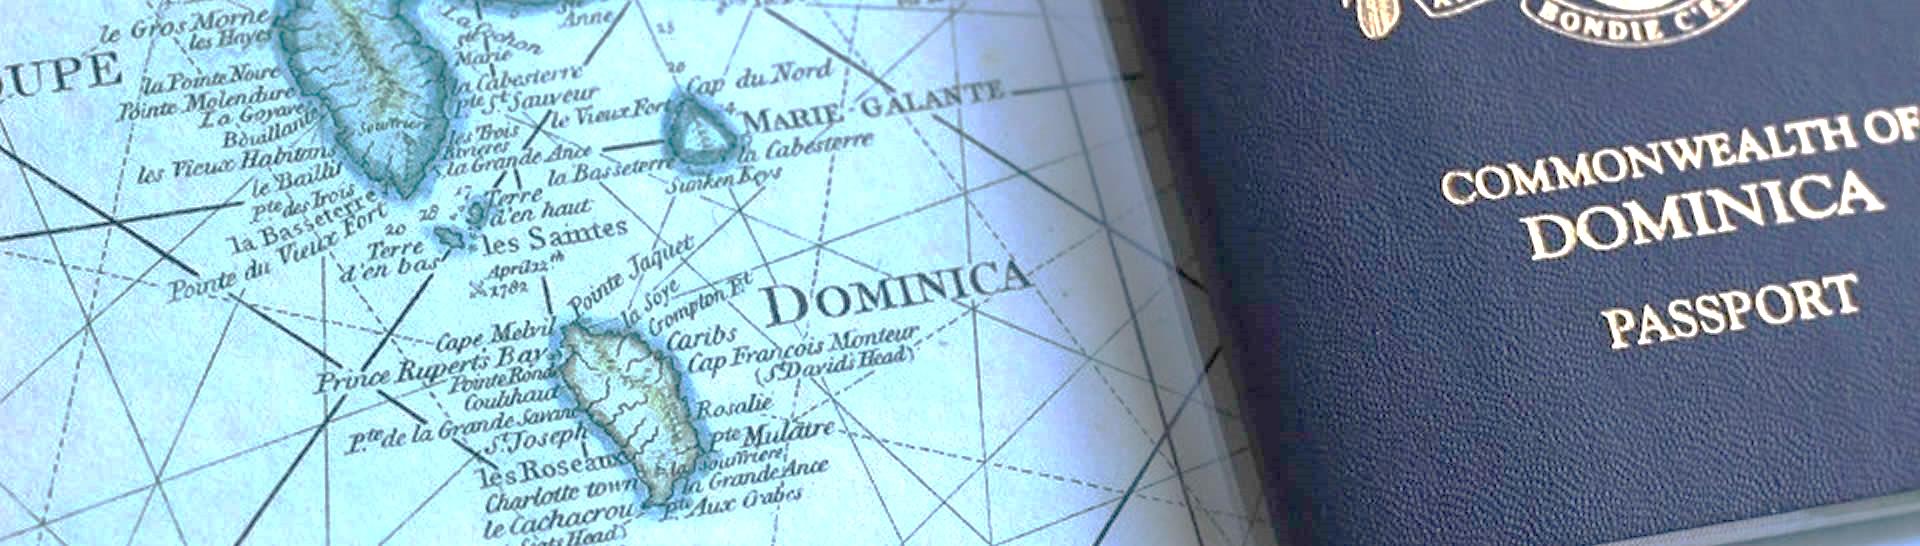 多米尼加联邦公民身份计划